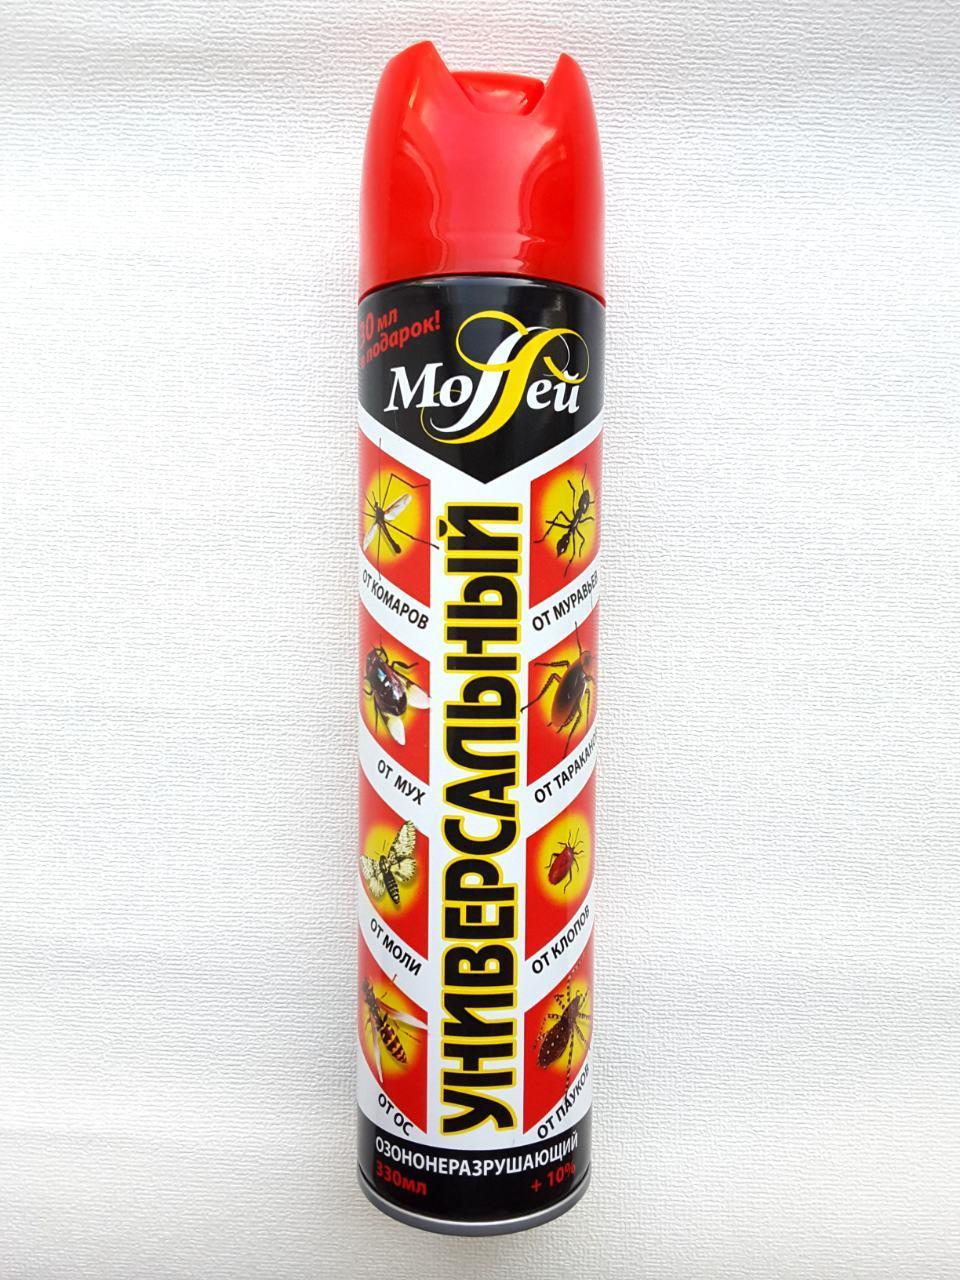 Дихлофос універсальний МОРФЕЙ без запаху 330 мл